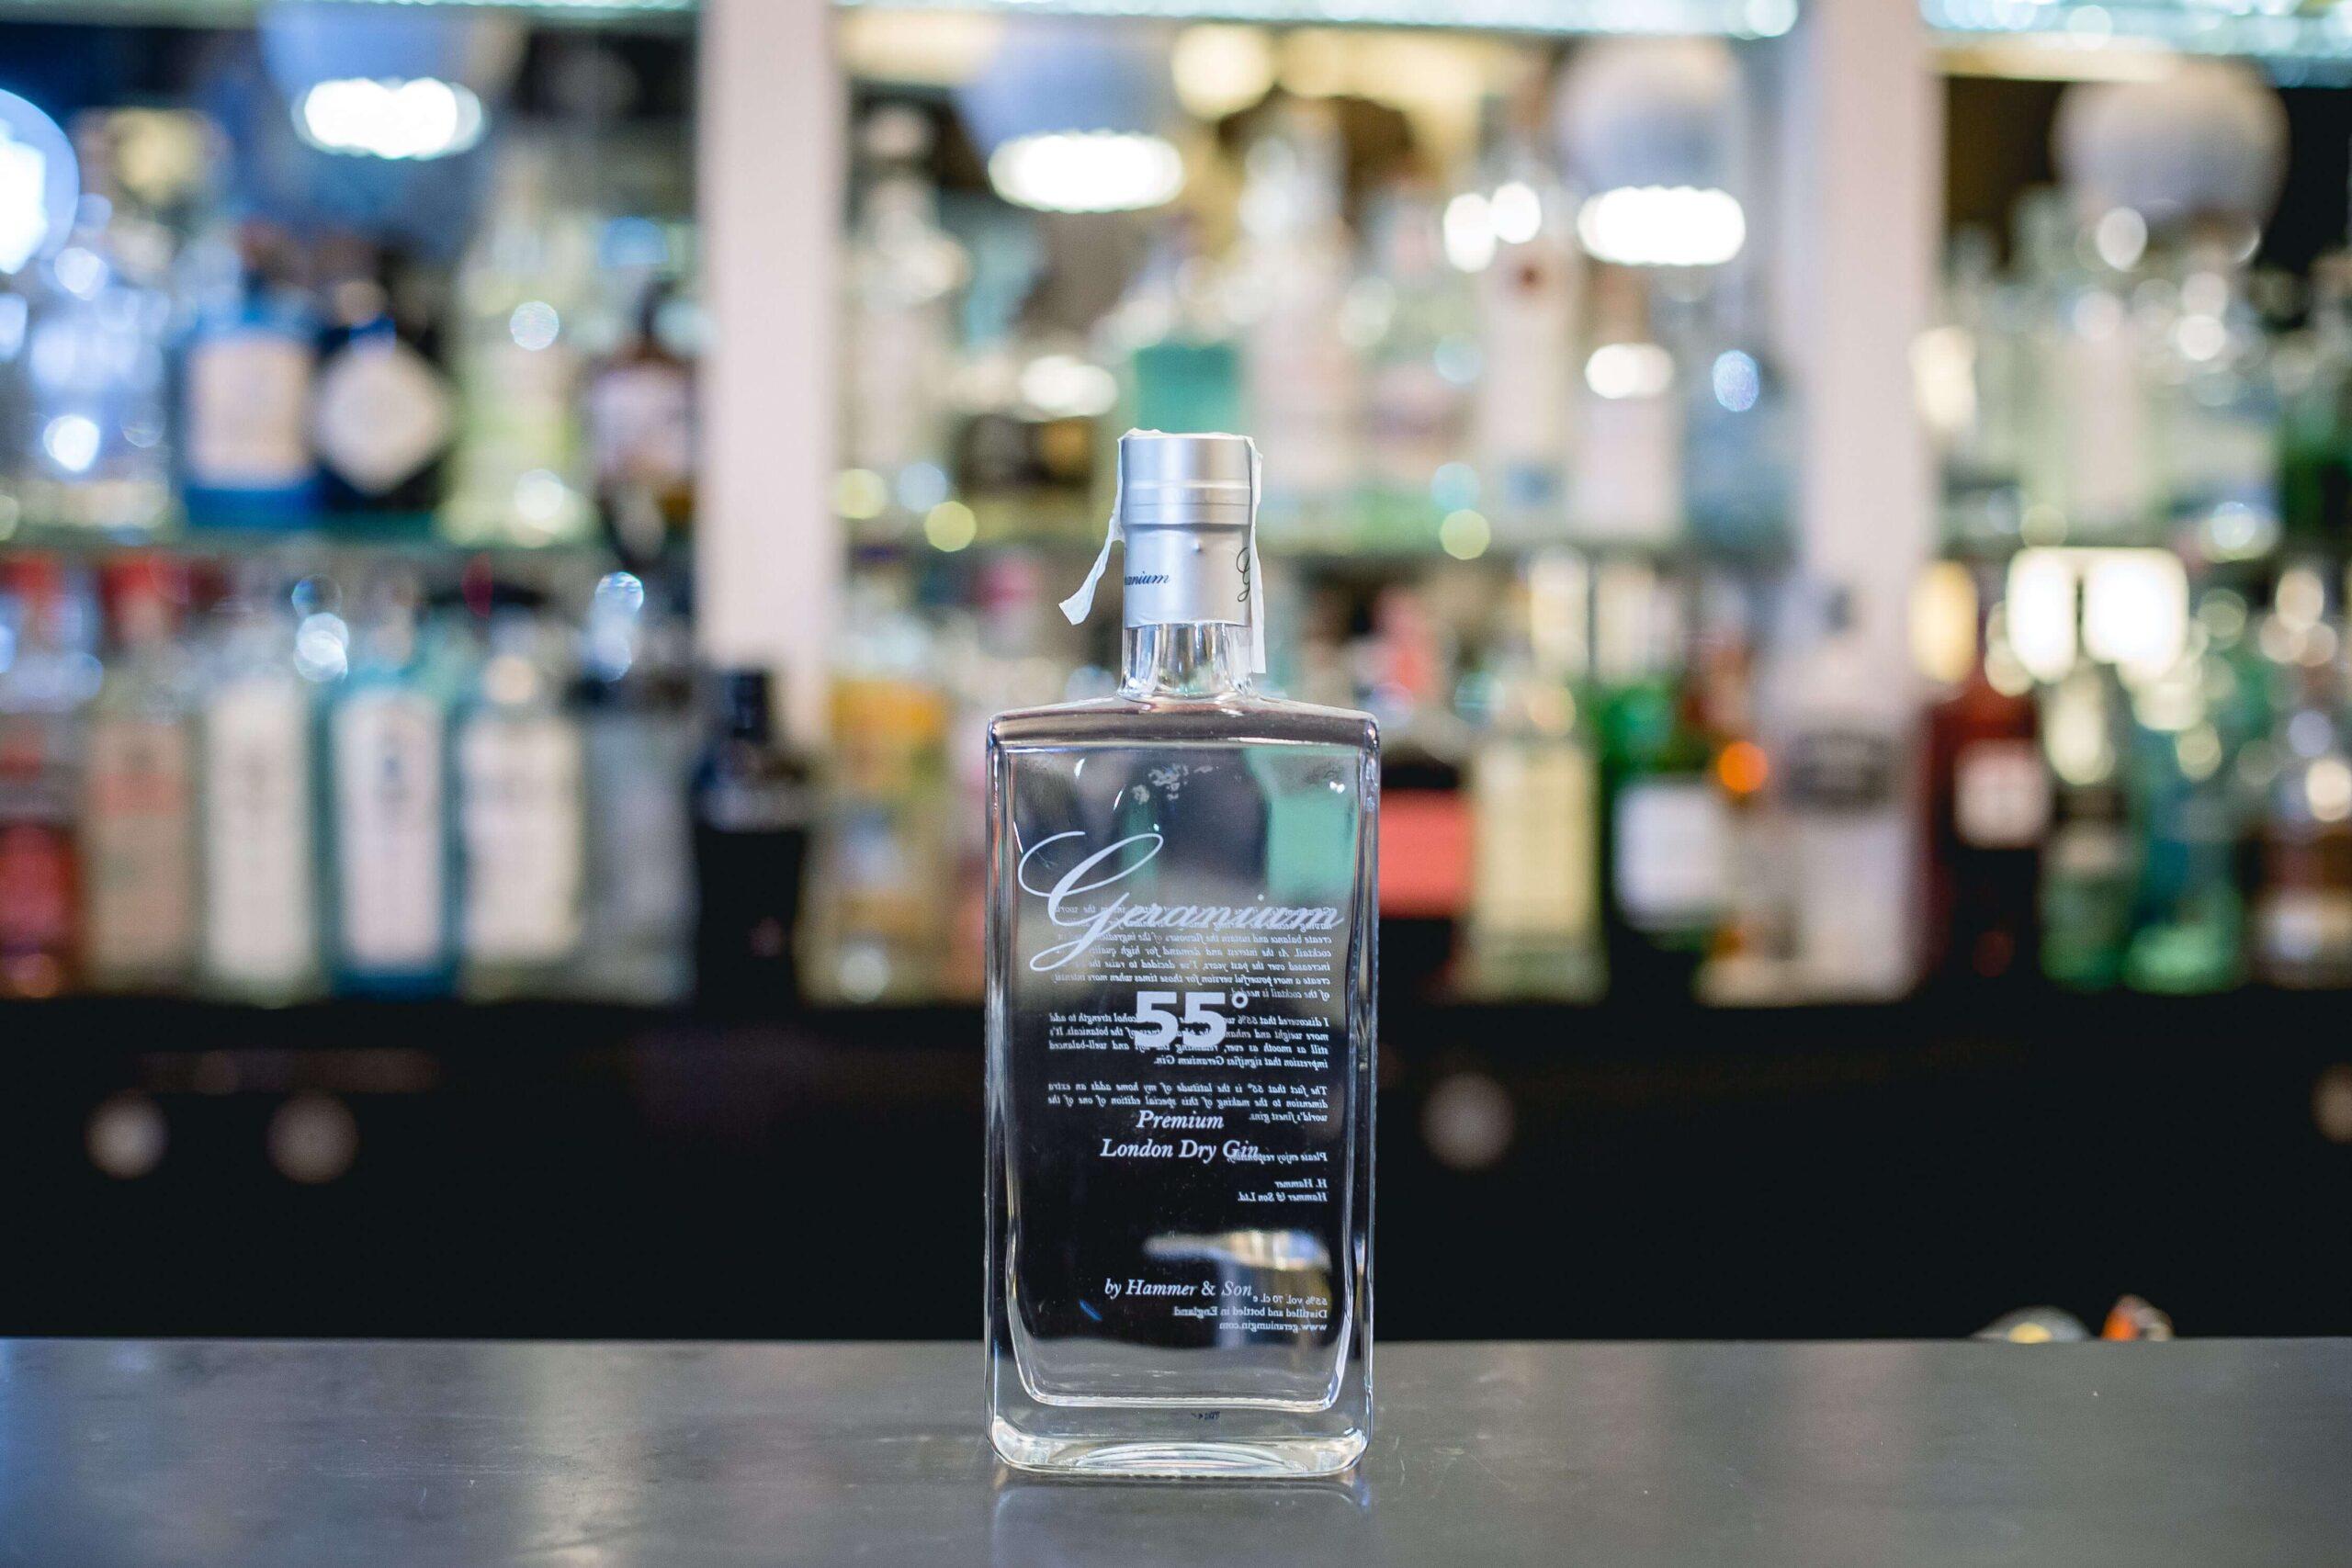 geranium 55 gin